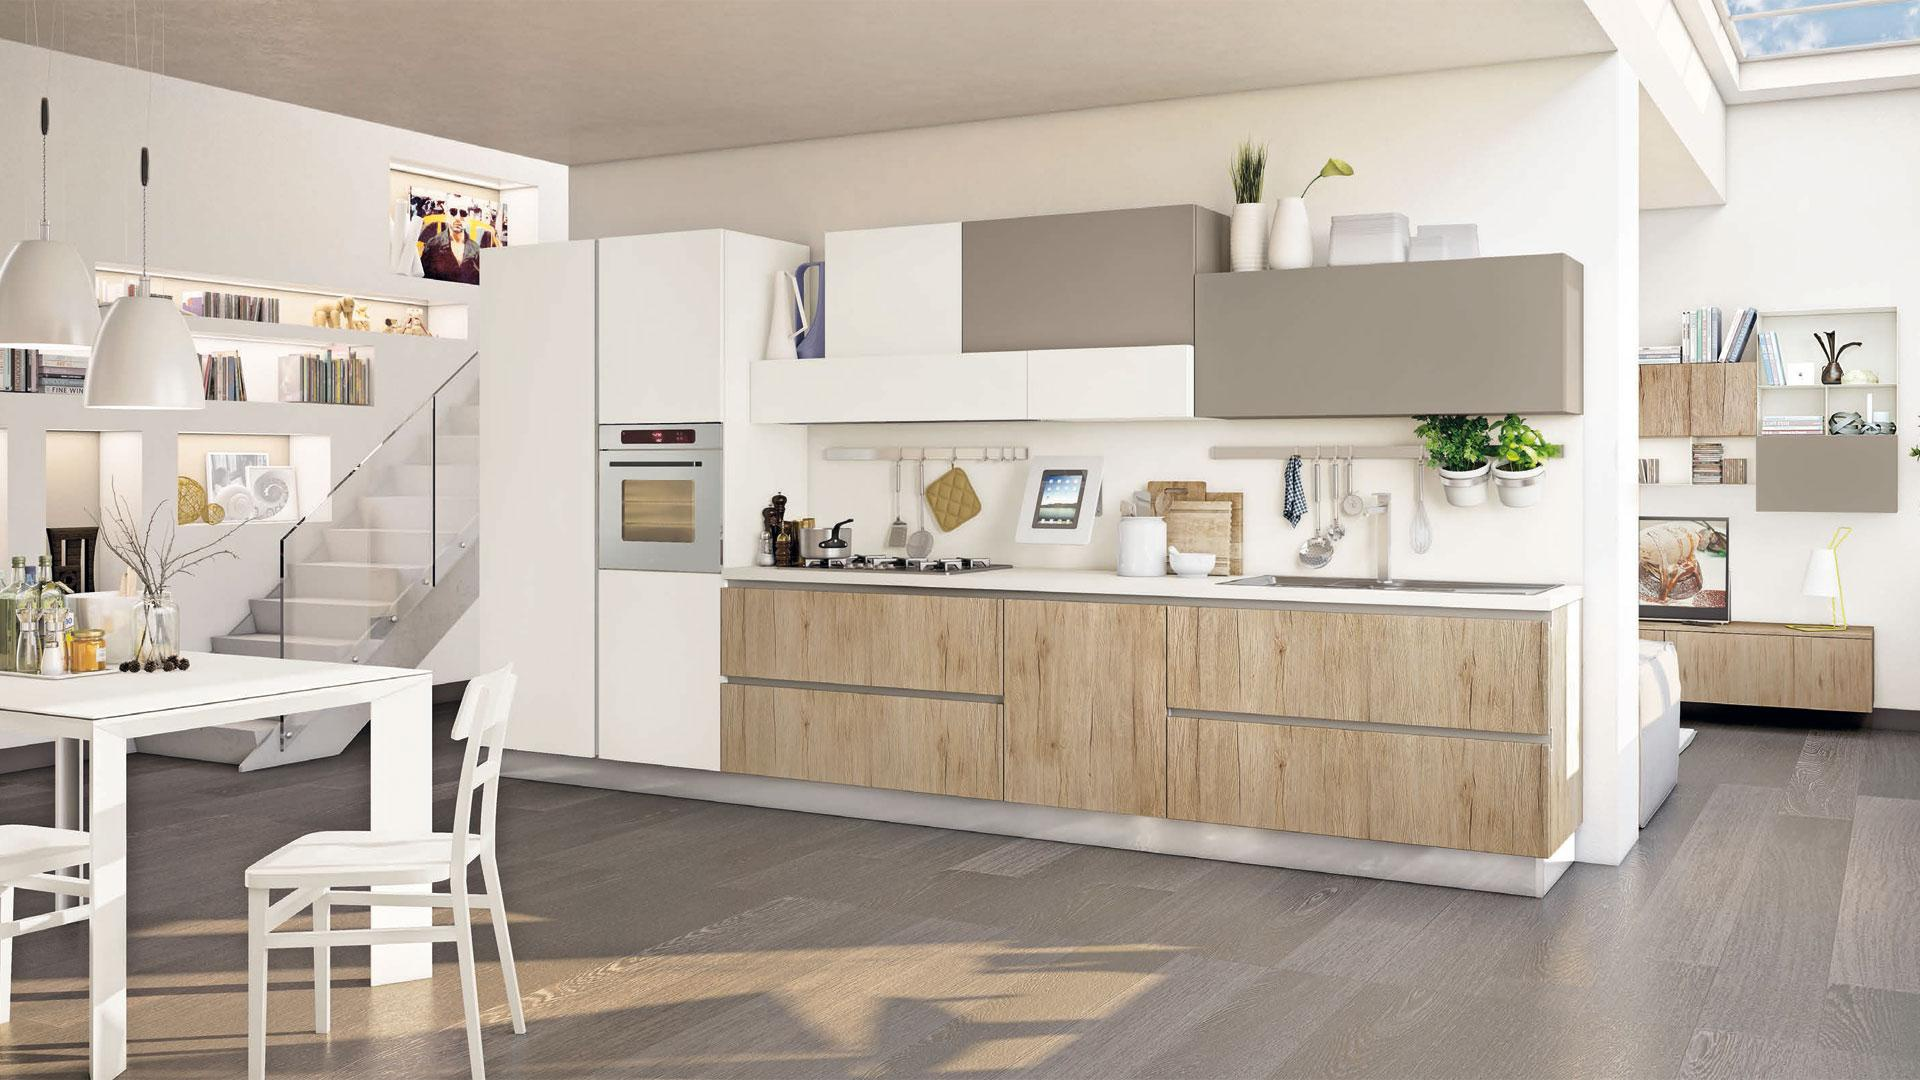 Immagini rivestimenti cucine moderne